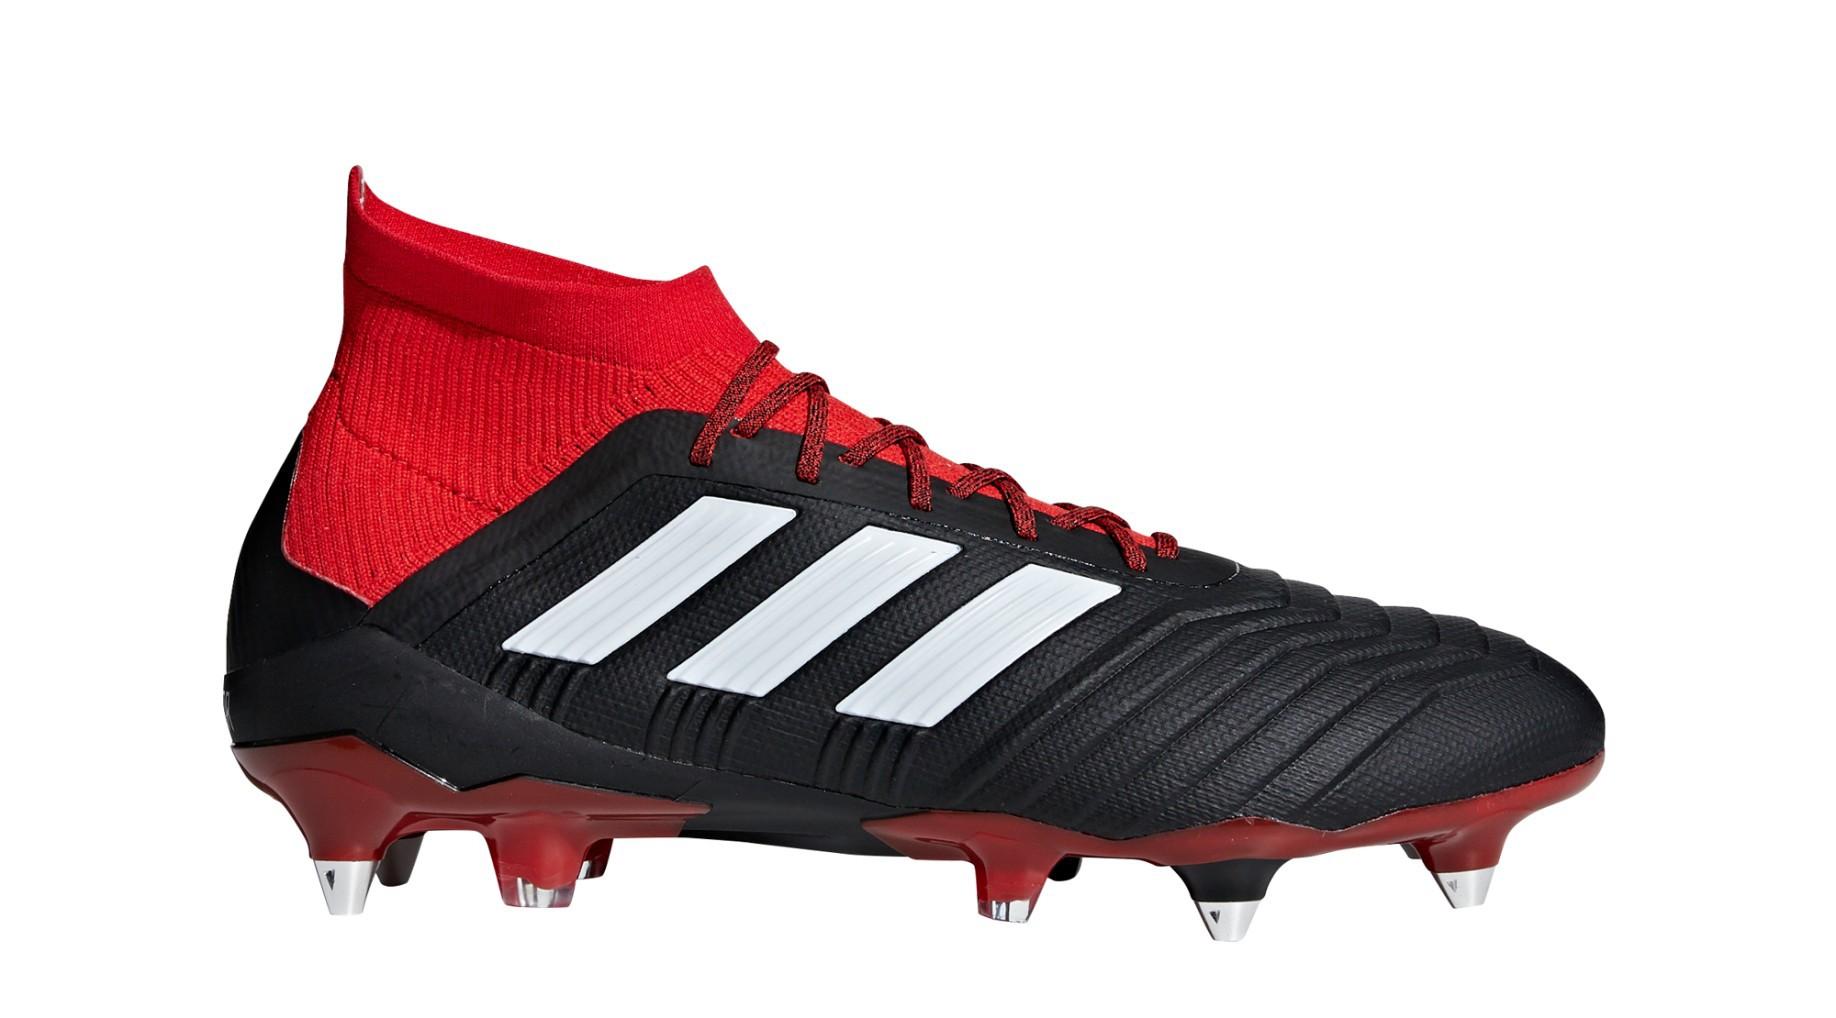 fa55c9794 Football boots Adidas Predator 18.1 SG Team Mode Pack colore Black Red -  Adidas - SportIT.com